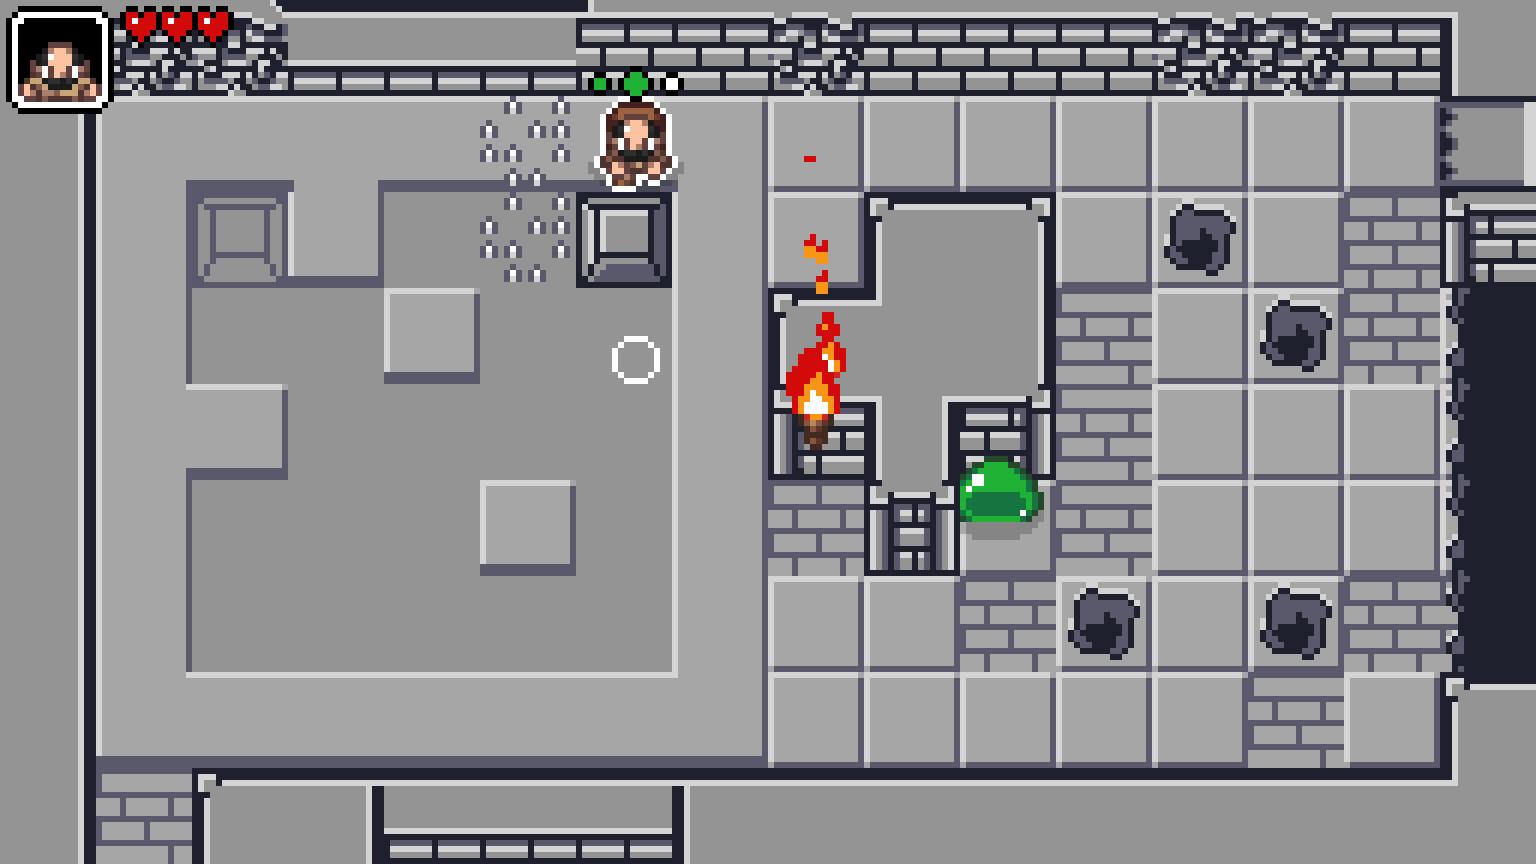 Mystiqa Legend of Zelda style adventure